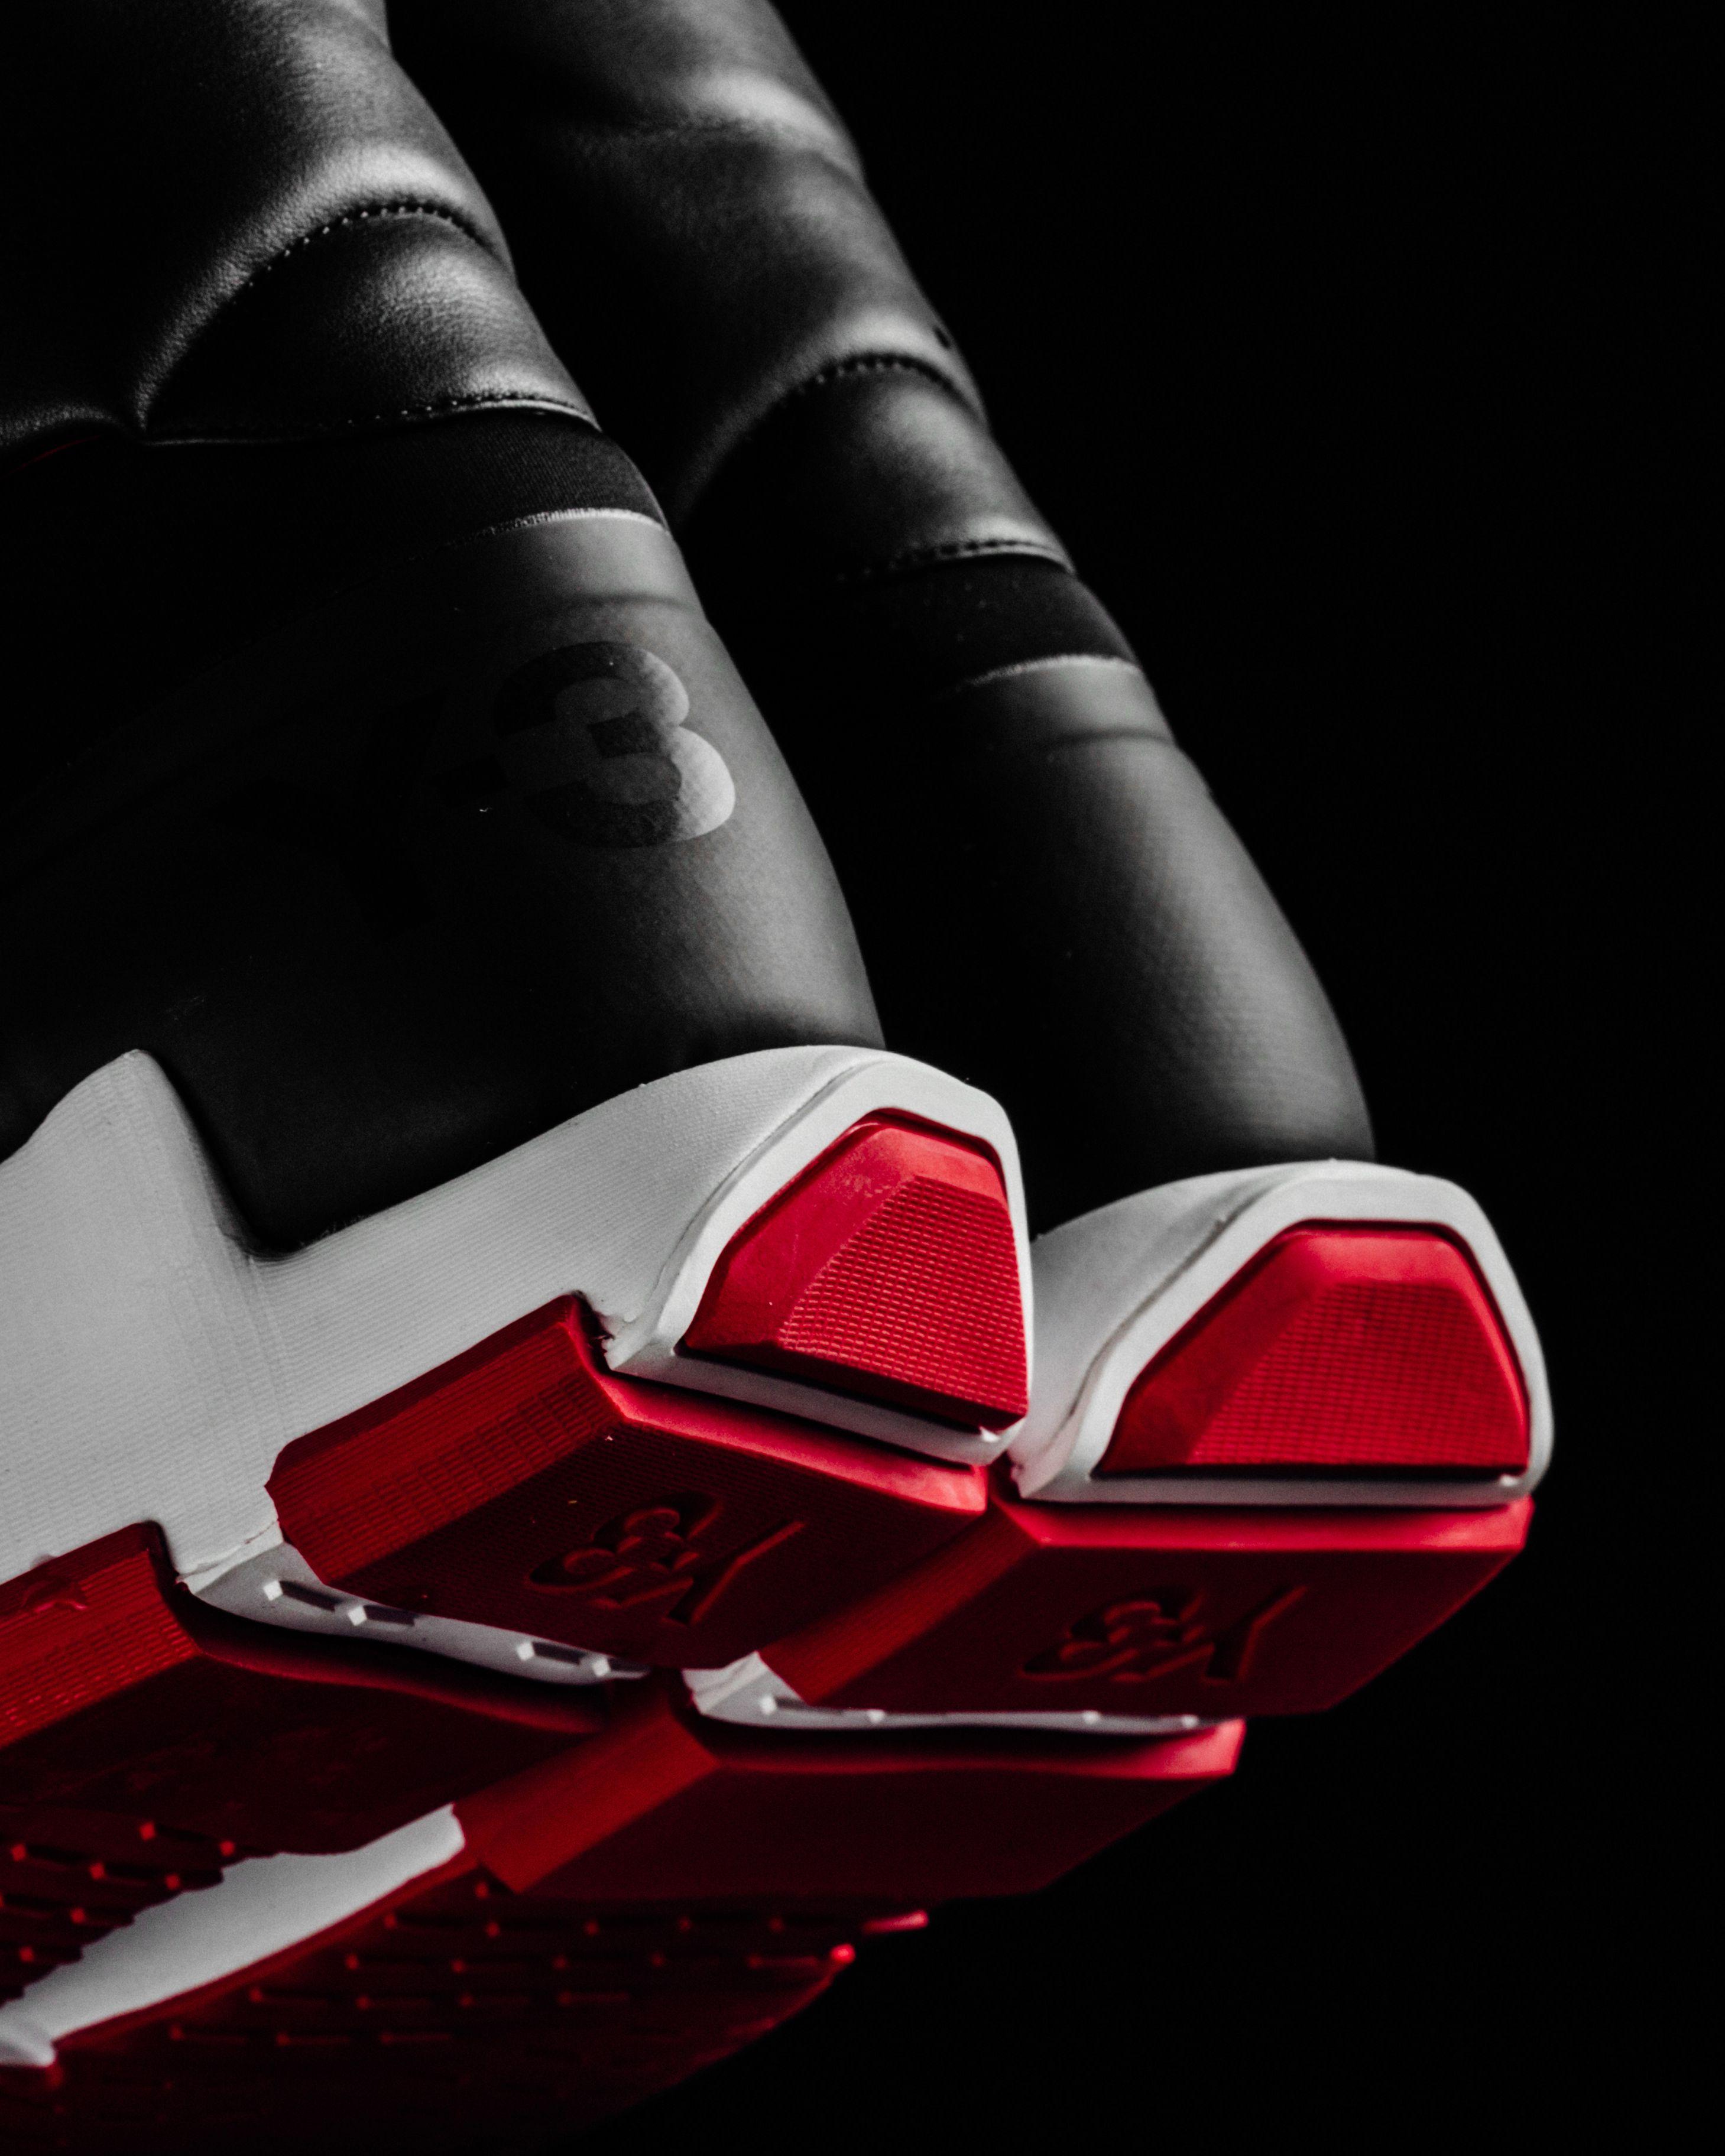 finest selection ab8ee 46425 Y-3  Noci 0003′  Y3  Yohji  Fashion  Streetwear  Style  Urban  Lookbook   Photography  Footwear  Sneakers  Kicks  Shoes